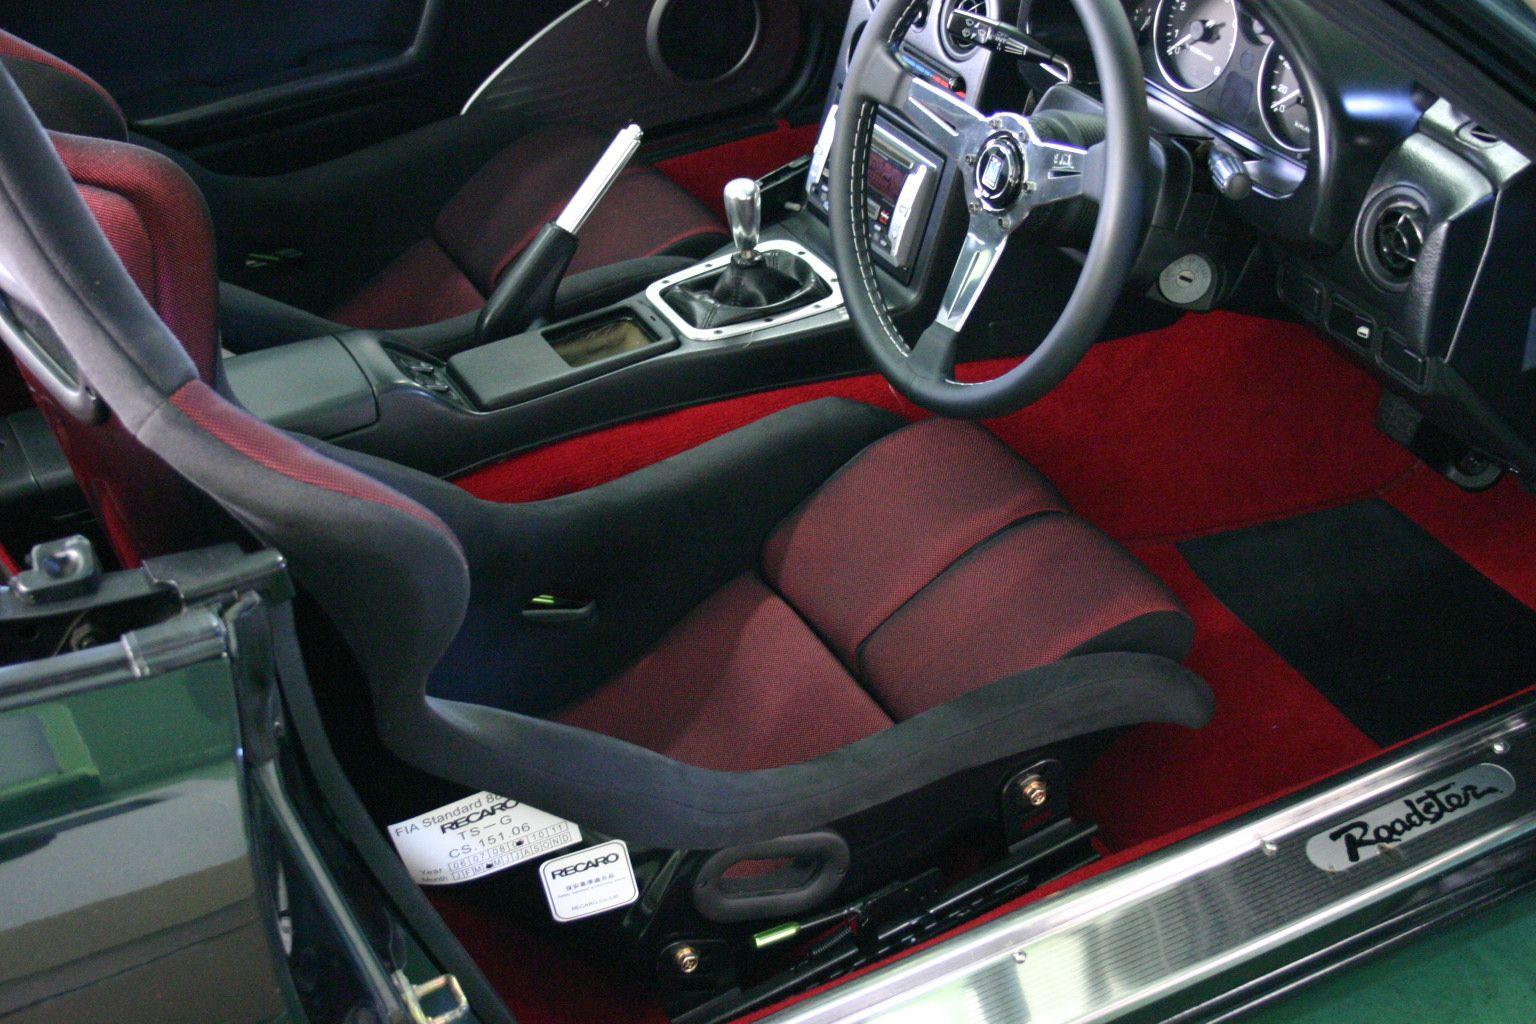 Mazda Miata Set Up With Maruha S Carpet And Recaro Seats Miata Mazda Miata Recaro